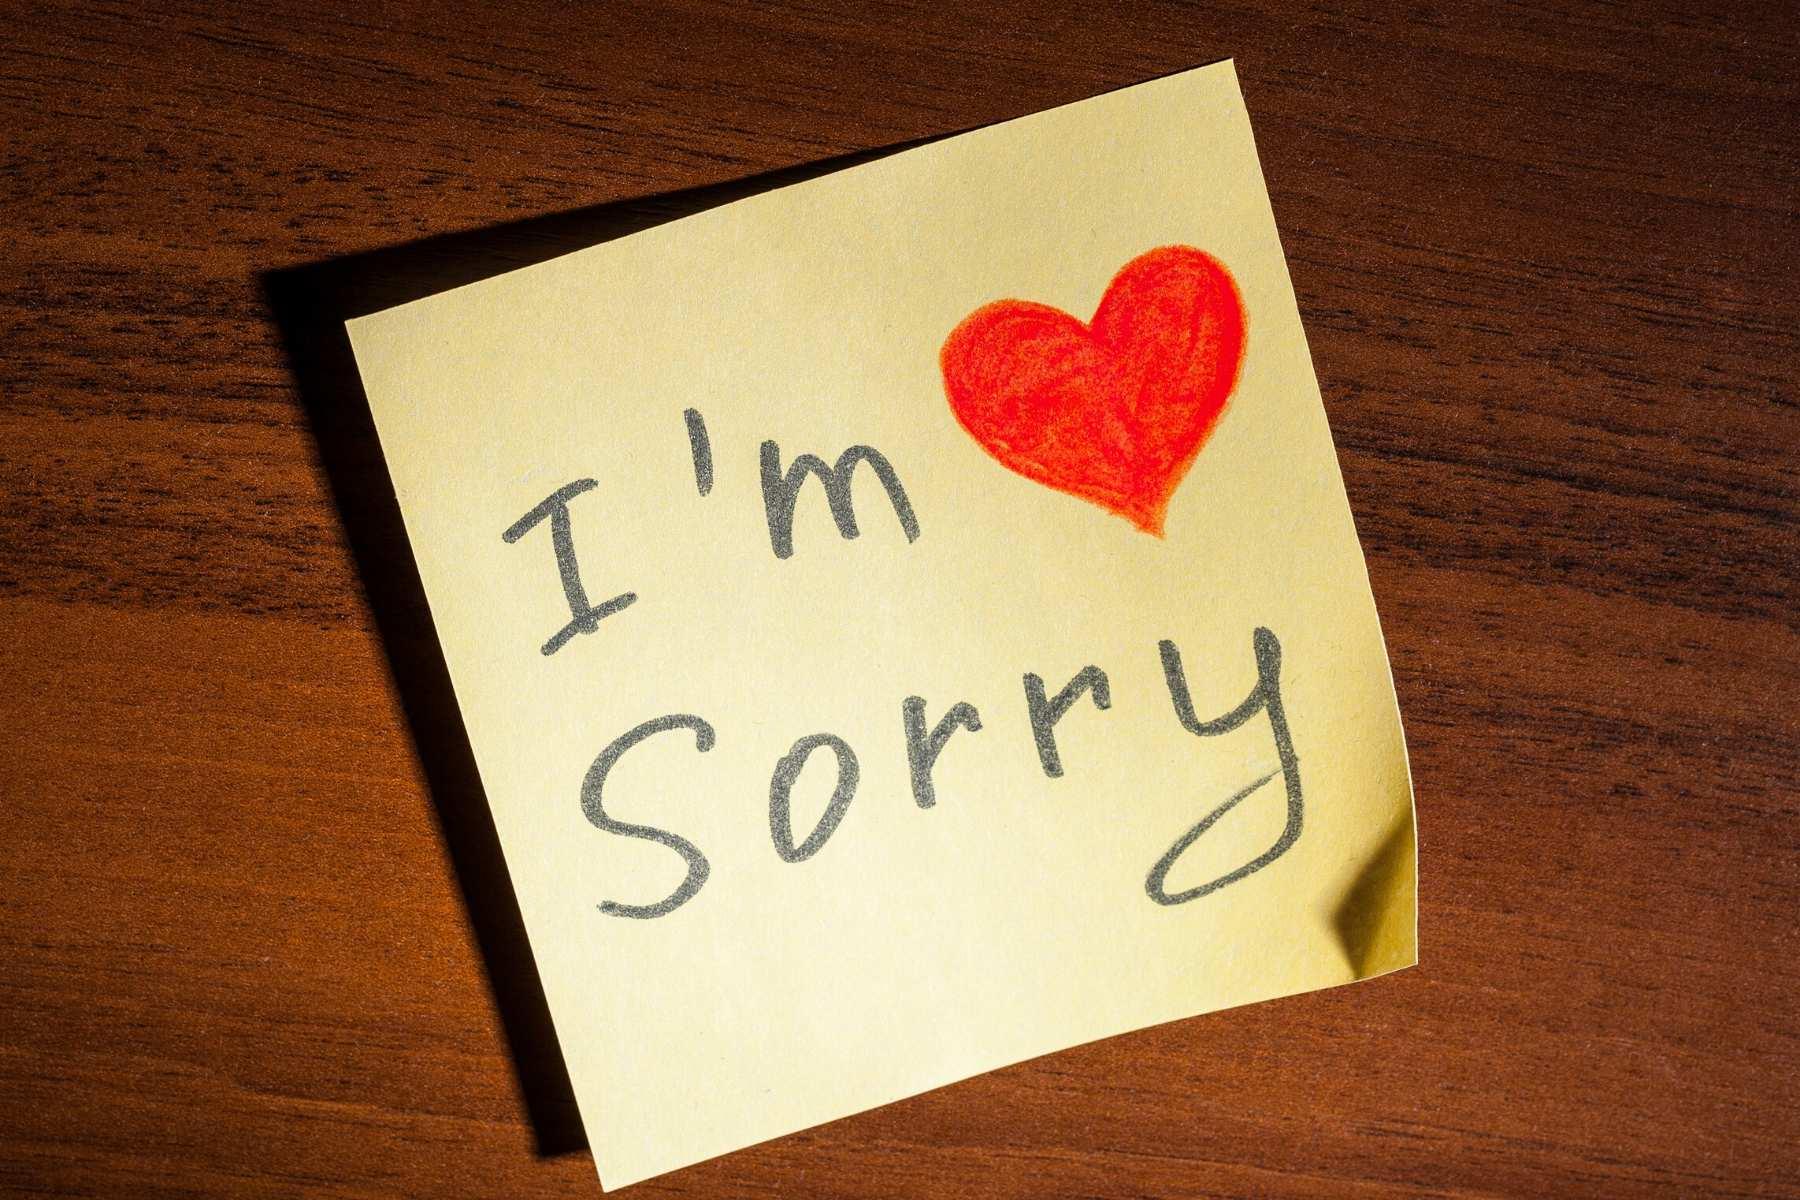 I Might Owe Dexamethasone a Very Small Apology